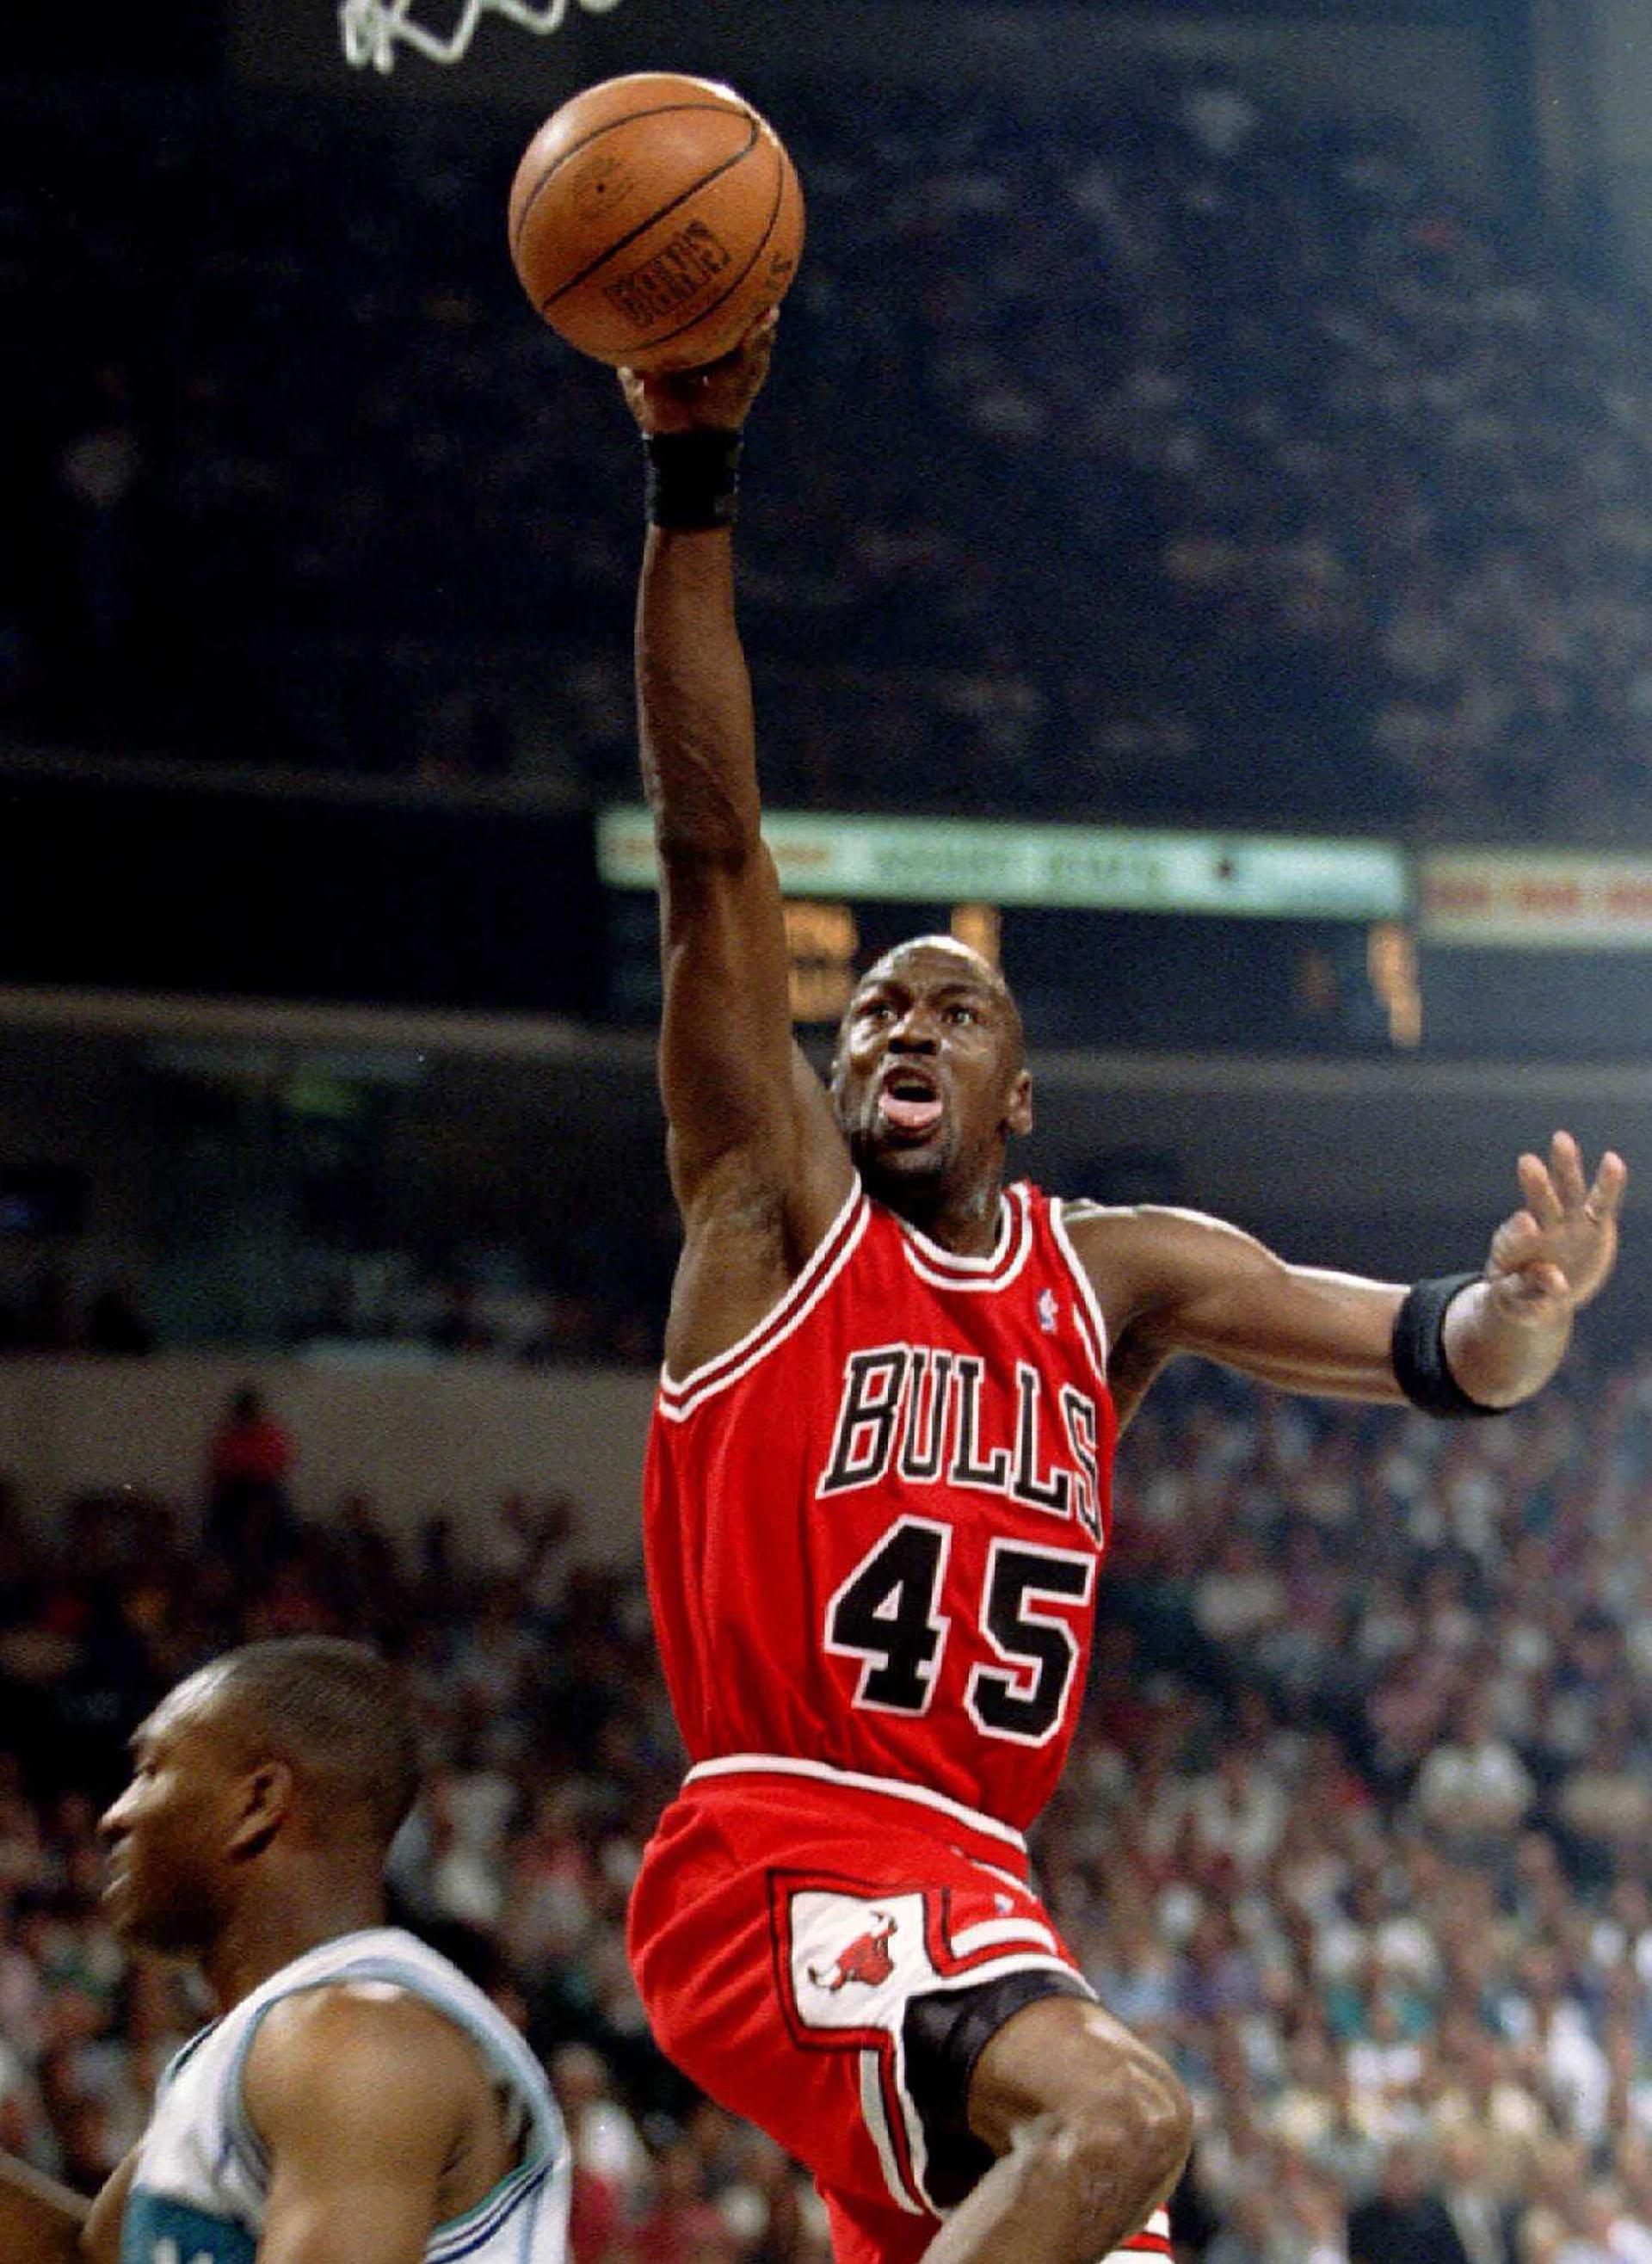 """auxiliar Mendigar Perla  I'm back"""", a 25 años del épico regreso de Michael Jordan a la NBA: su  frustrado paso por el béisbol tras la muerte de su padre y el impacto de  jugar con"""